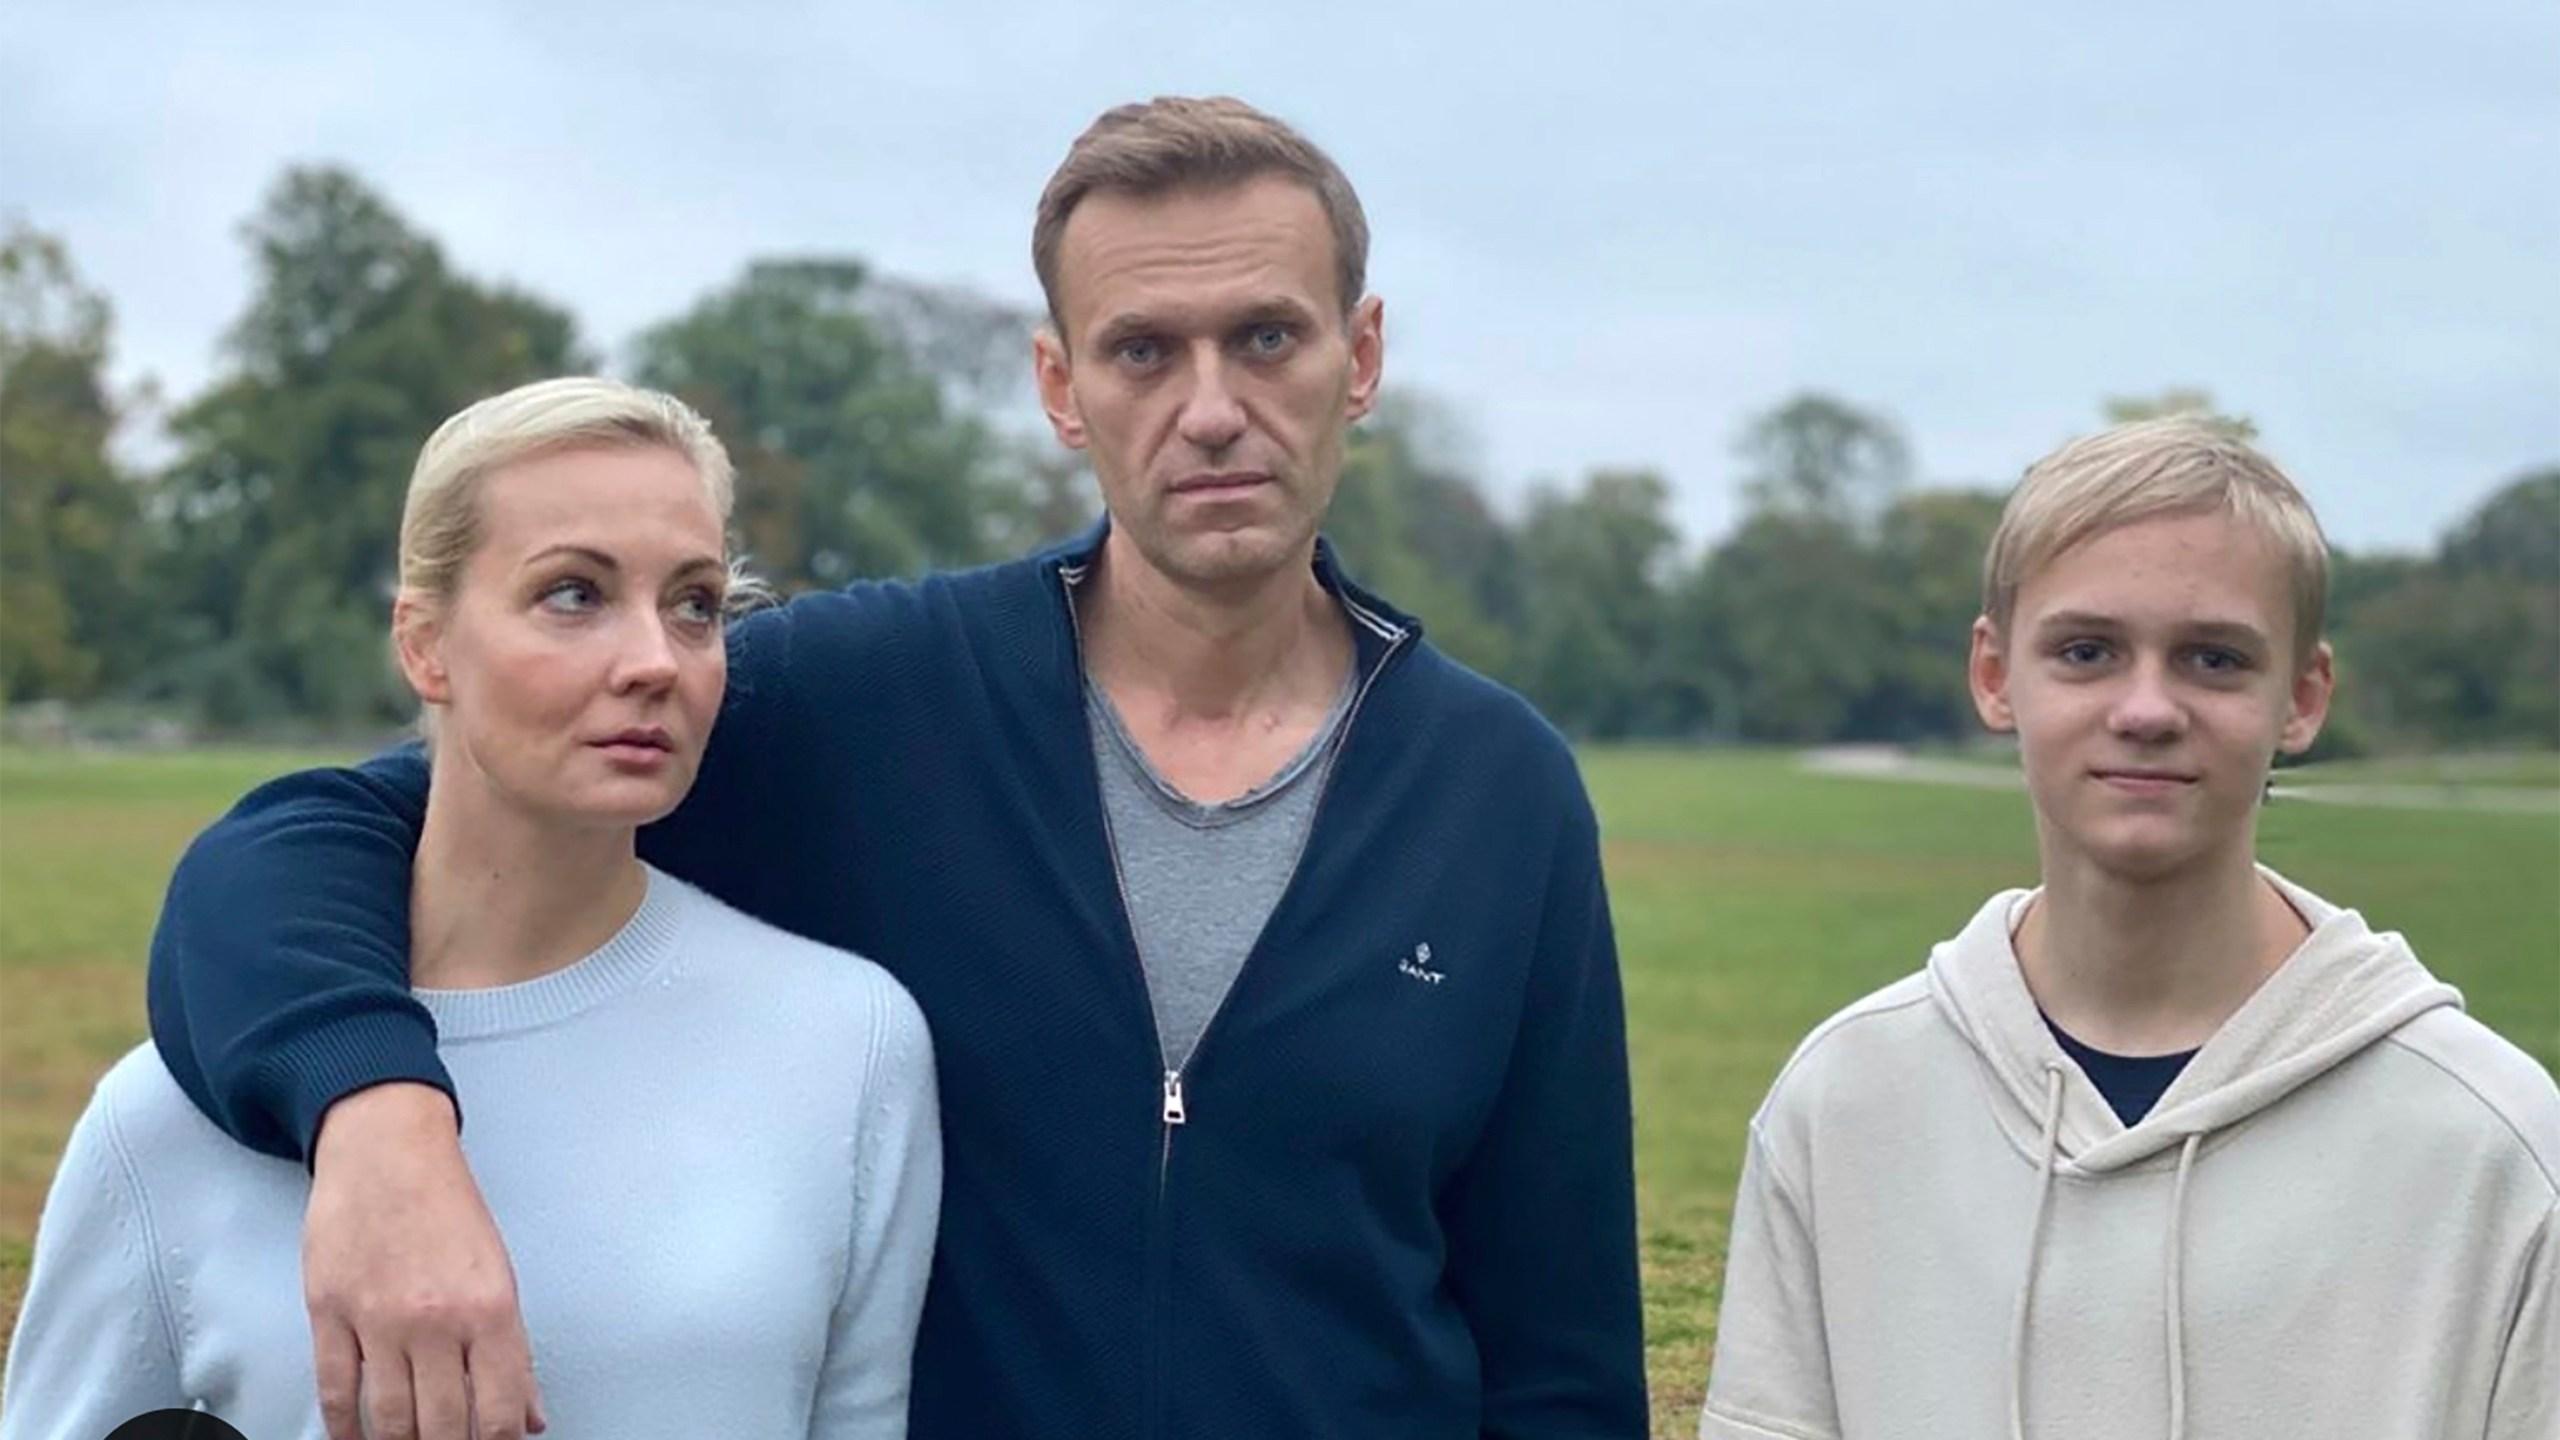 Alexei Navalny, Yulia, Zahar Navalny